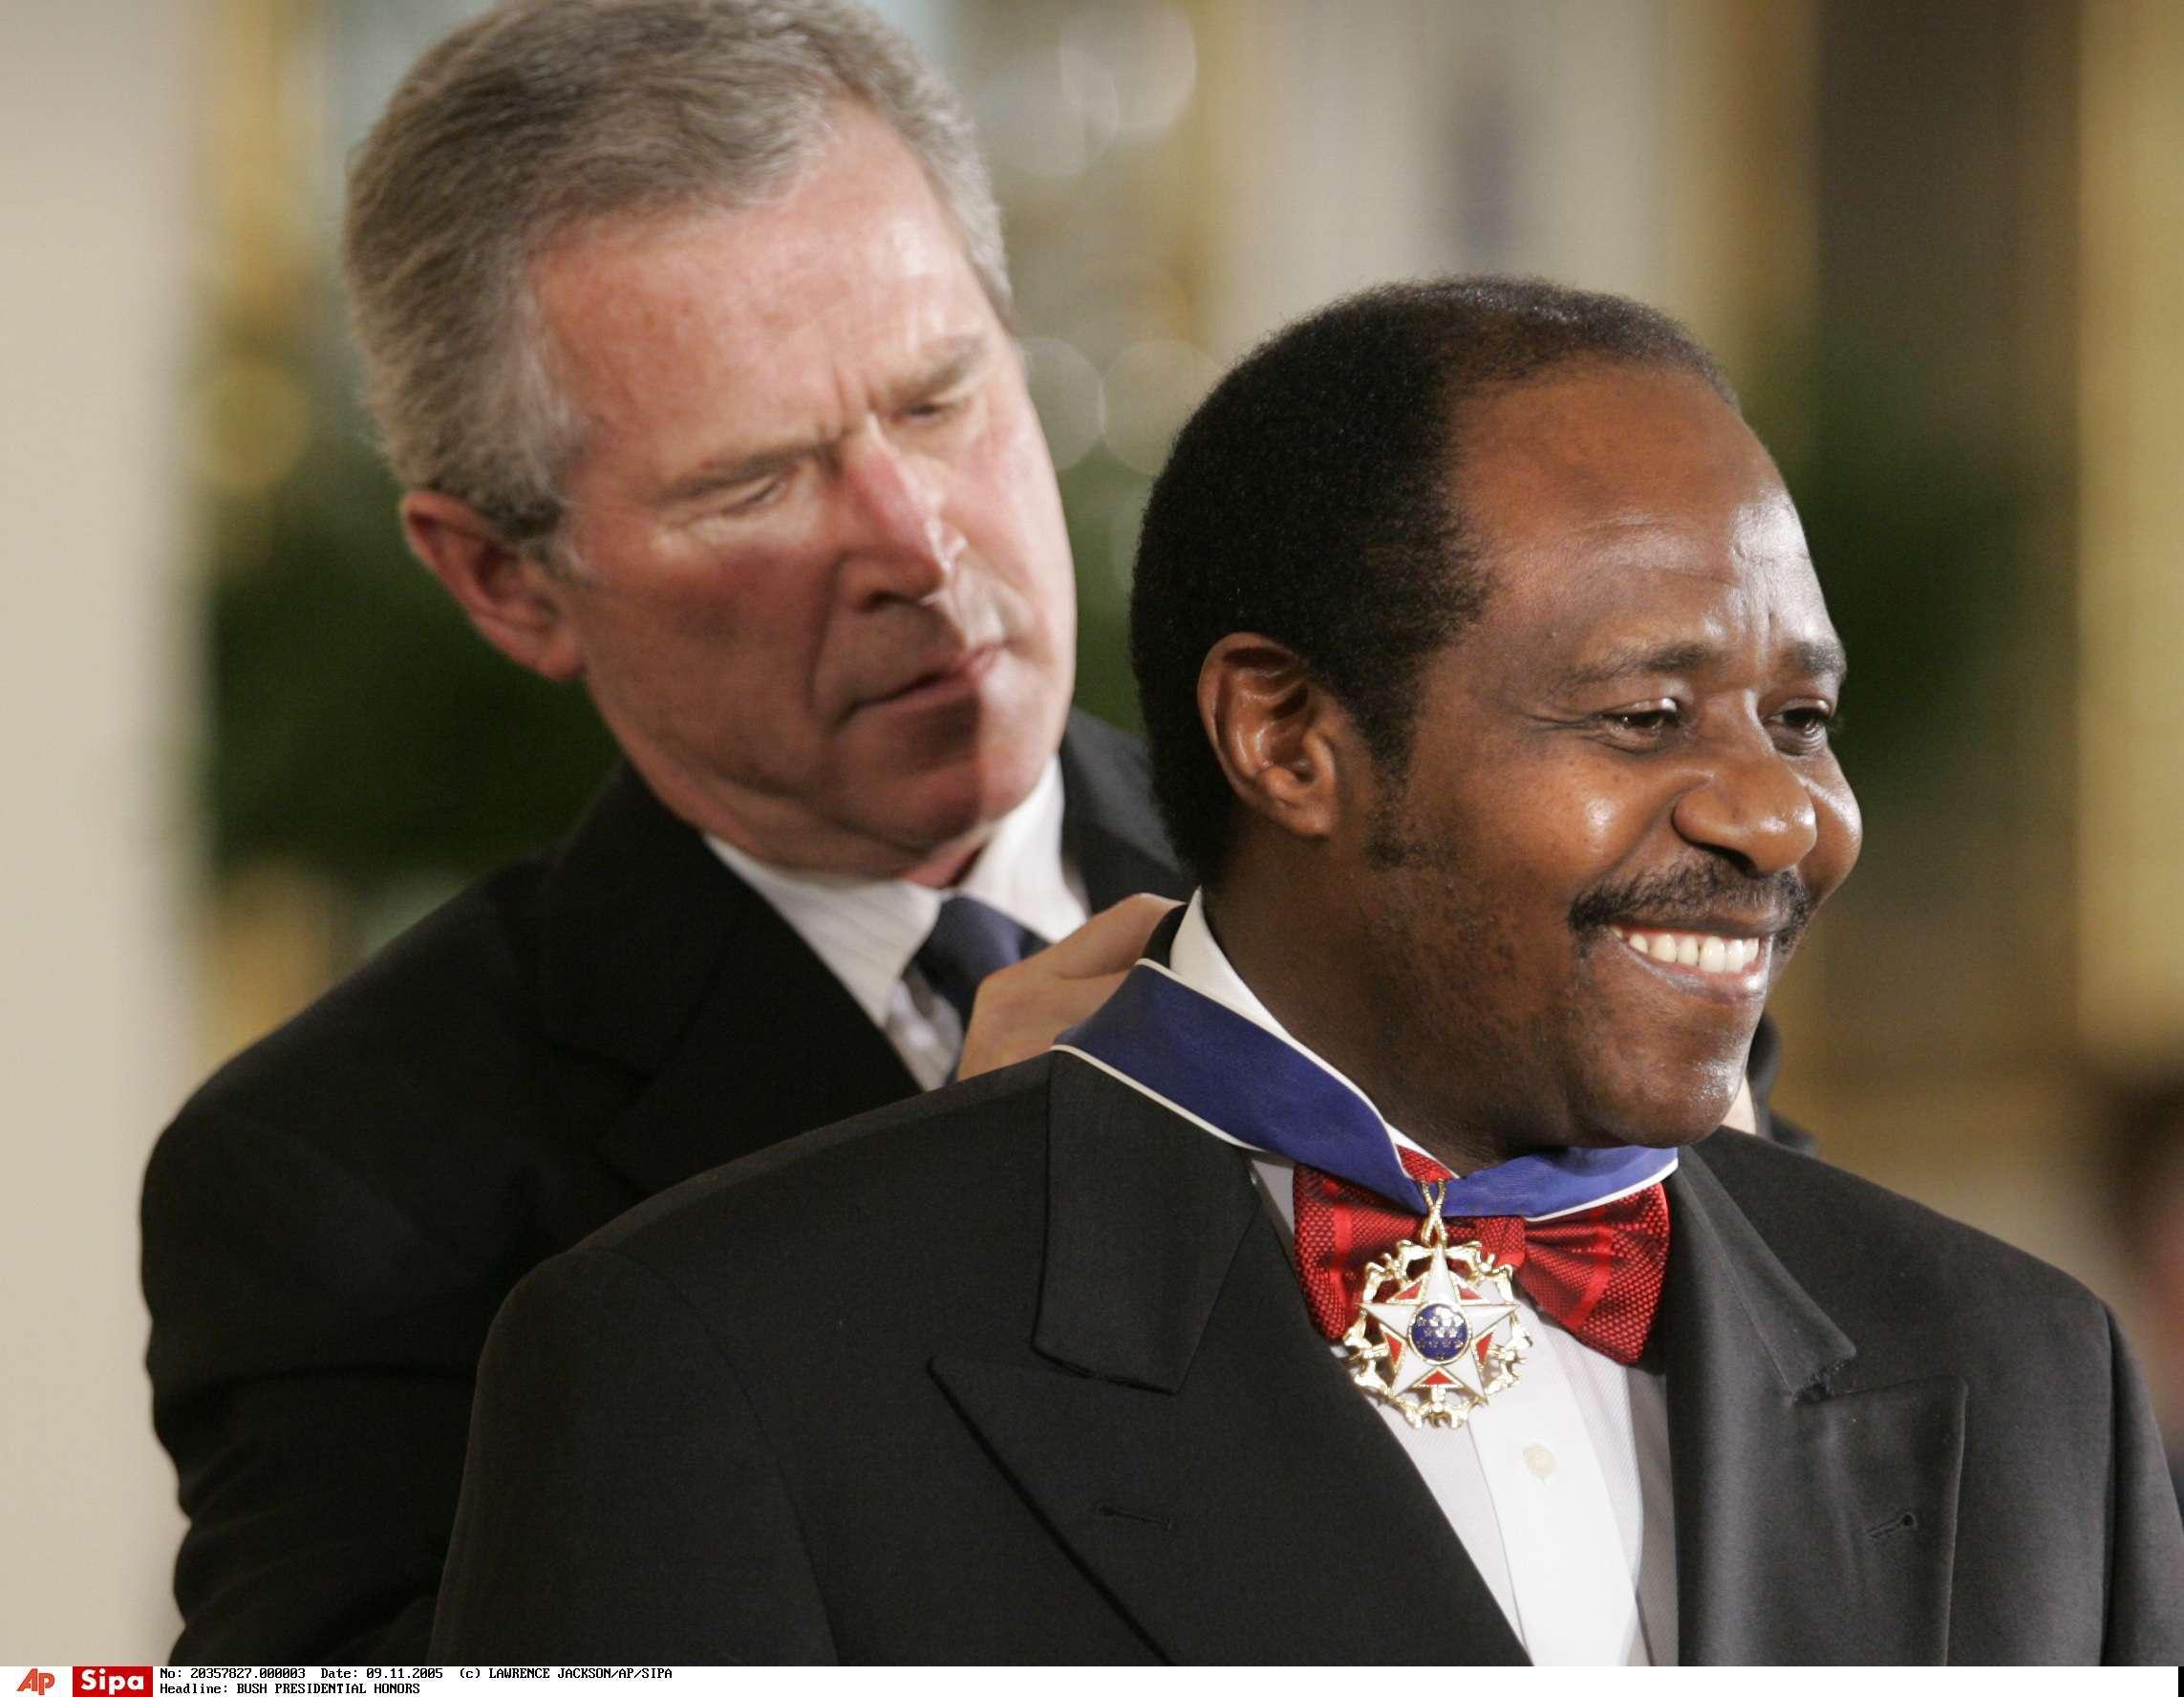 Paul Rusesabagina décoré par l'ancien président américain George W. Bush, en 2005.